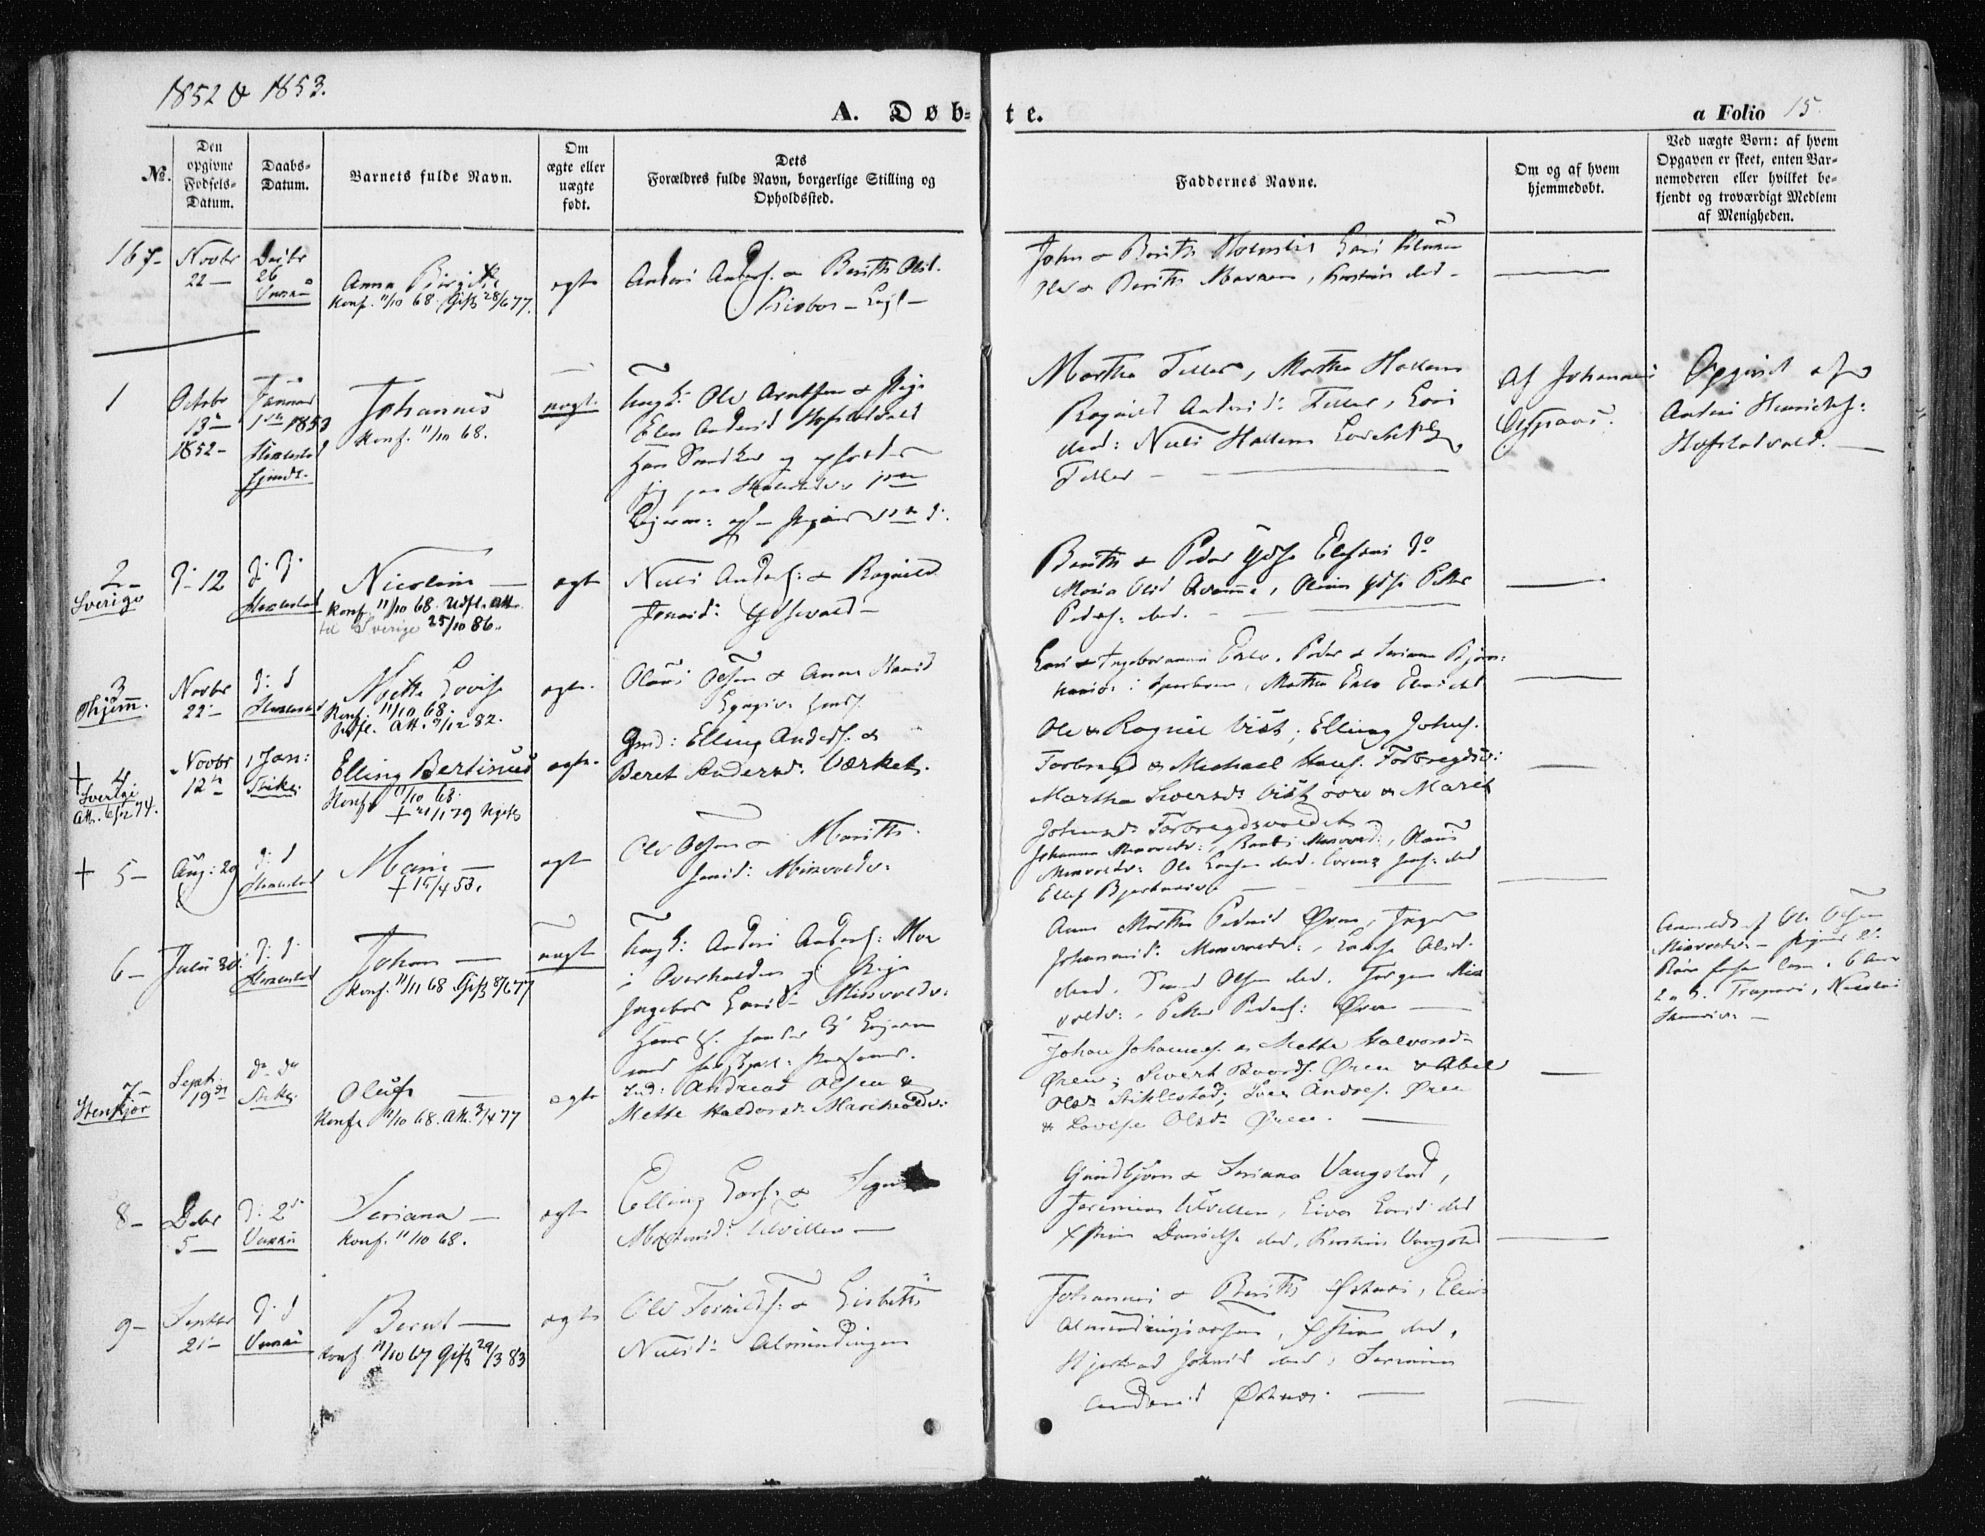 SAT, Ministerialprotokoller, klokkerbøker og fødselsregistre - Nord-Trøndelag, 723/L0240: Ministerialbok nr. 723A09, 1852-1860, s. 15